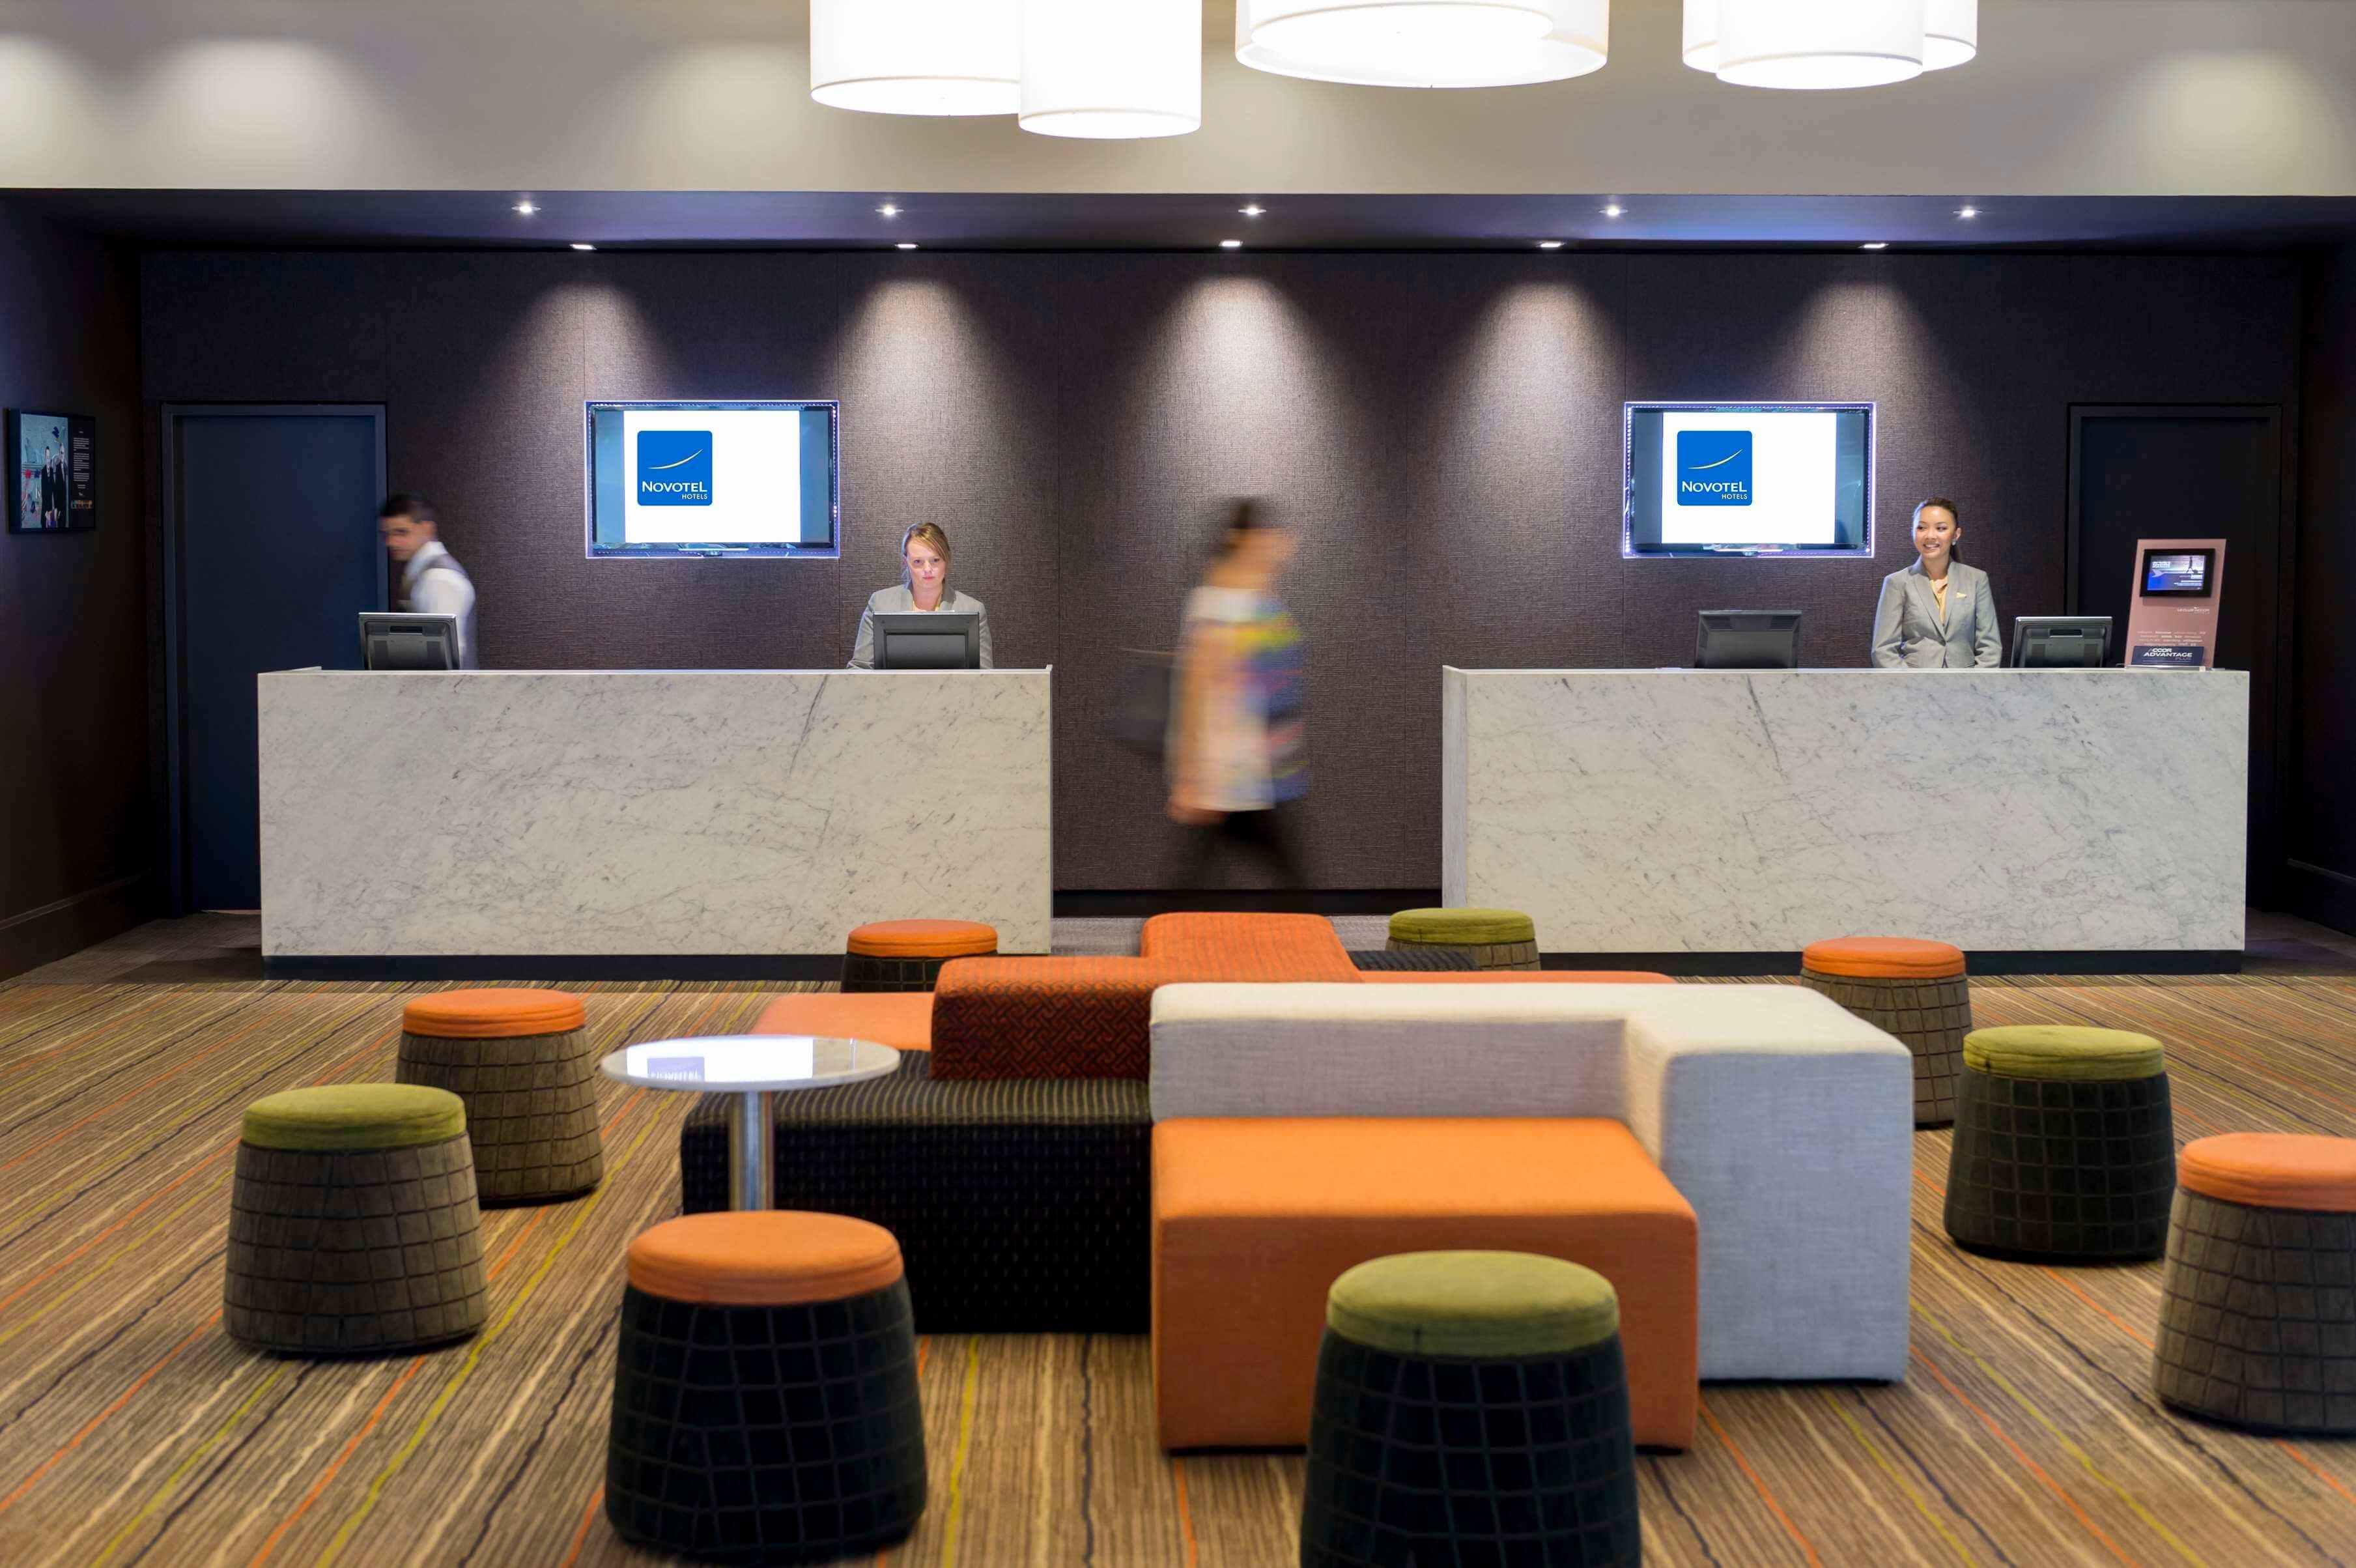 Novotel Central Sydney lobby